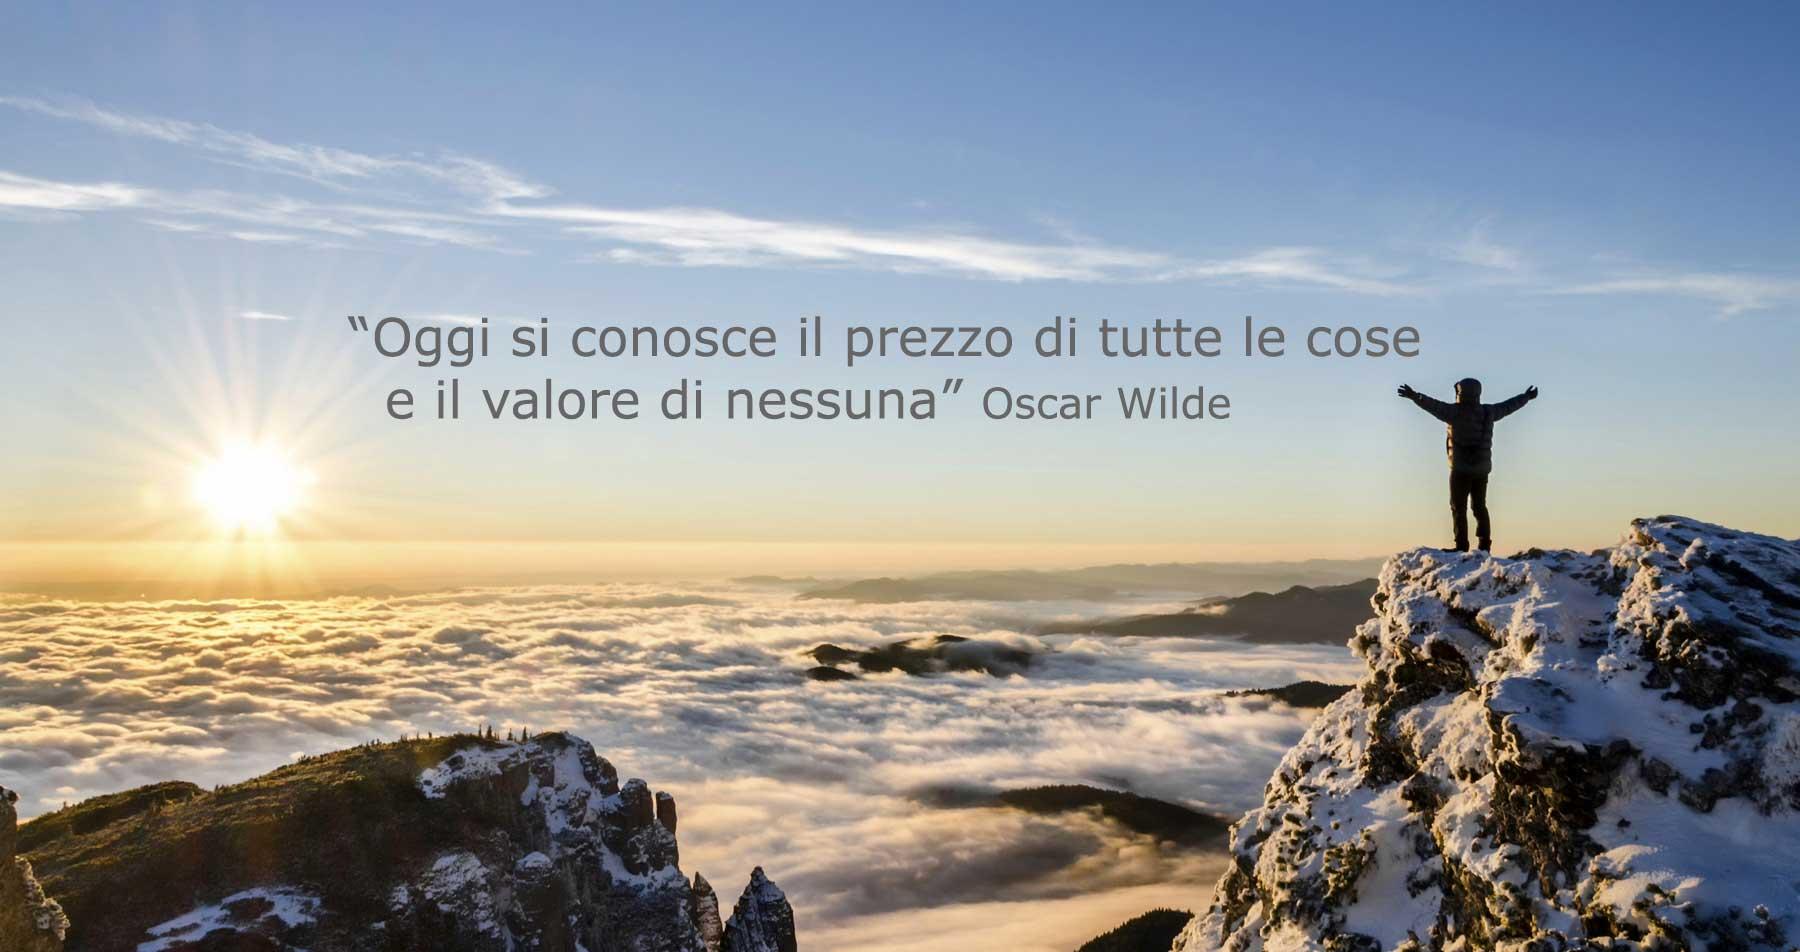 Oggi si conosce il prezzo di tutte le cose e il valore di nessuna Oscar Wilde